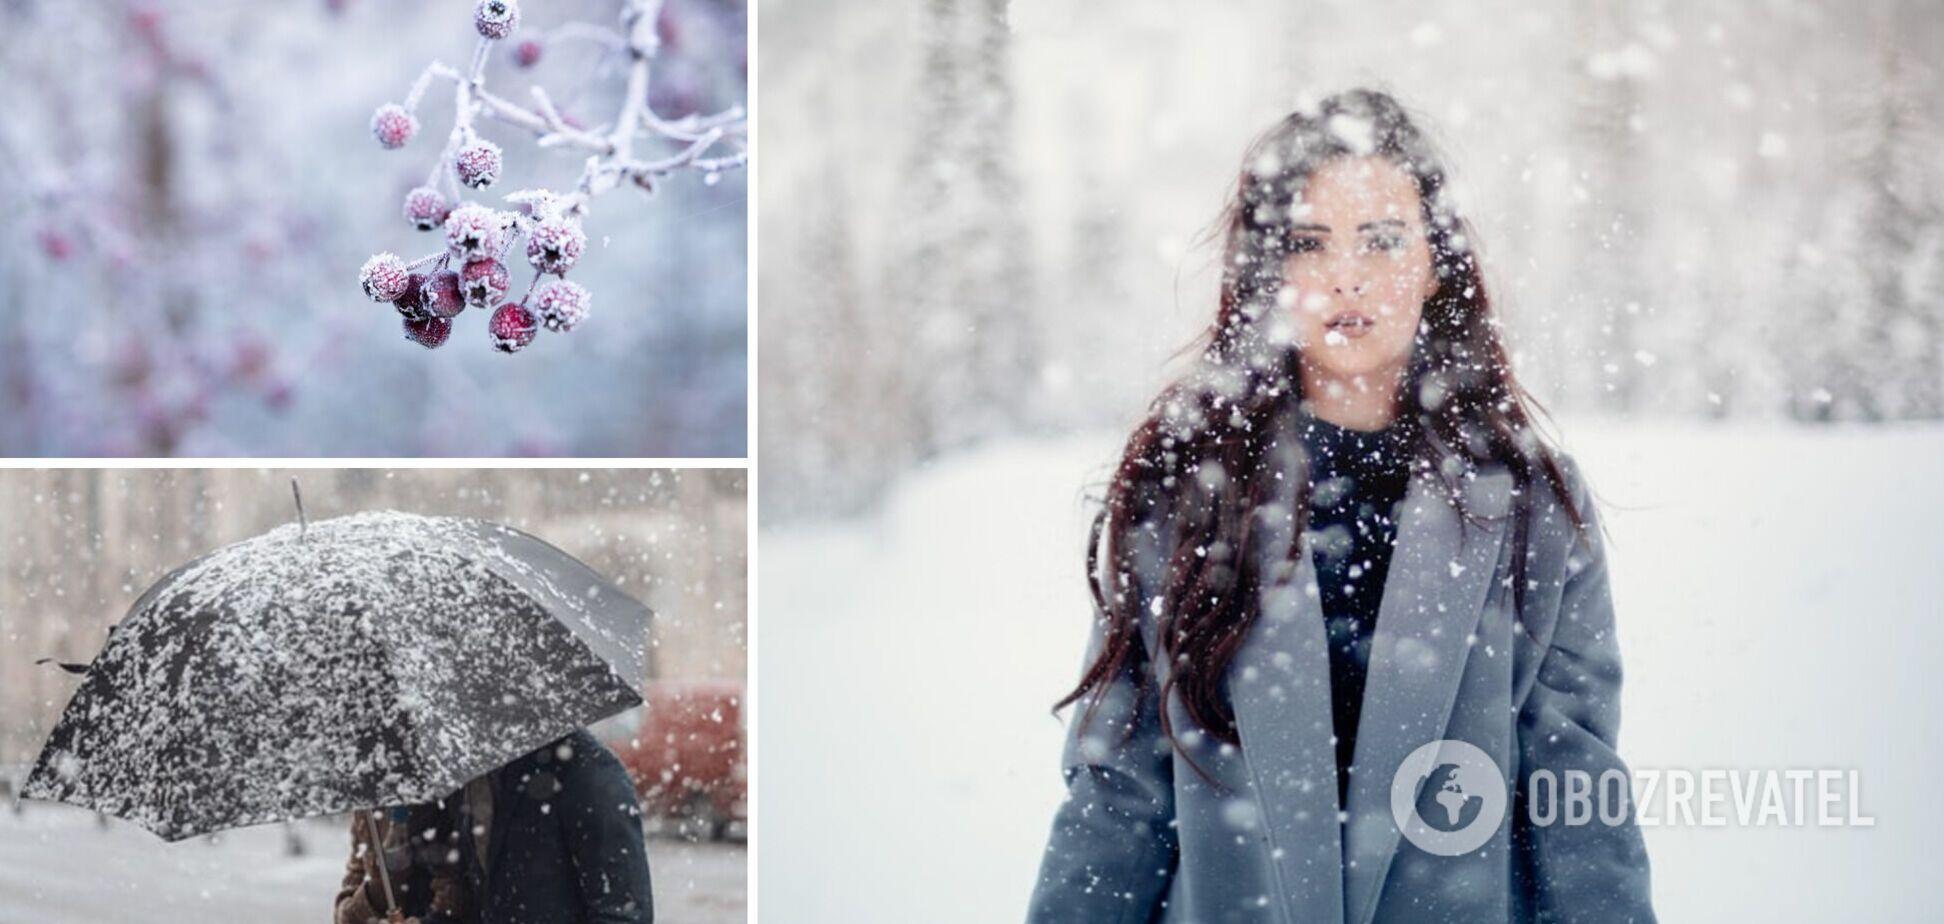 Зима никуда не исчезнет? Синоптики рассказали, ждать ли снега в Украине и какими будут последствия изменения климата